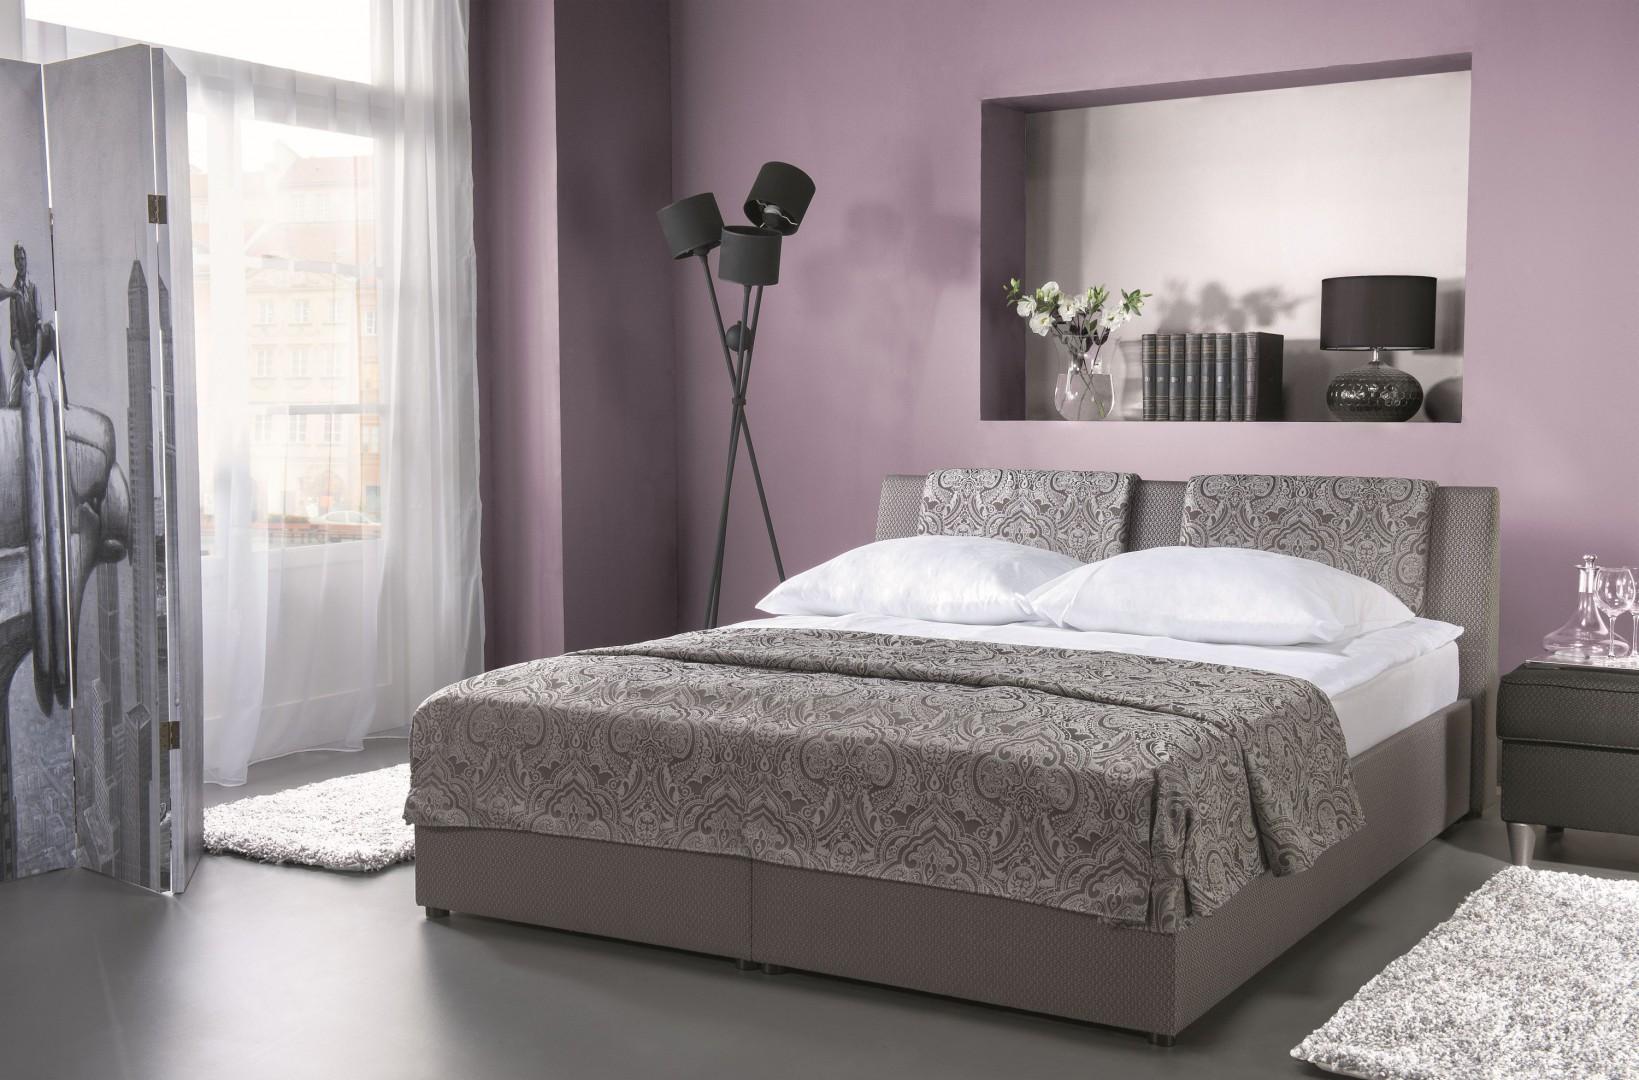 Łóżko Comfort w podnośnikiem gazowym. Fot. Libro